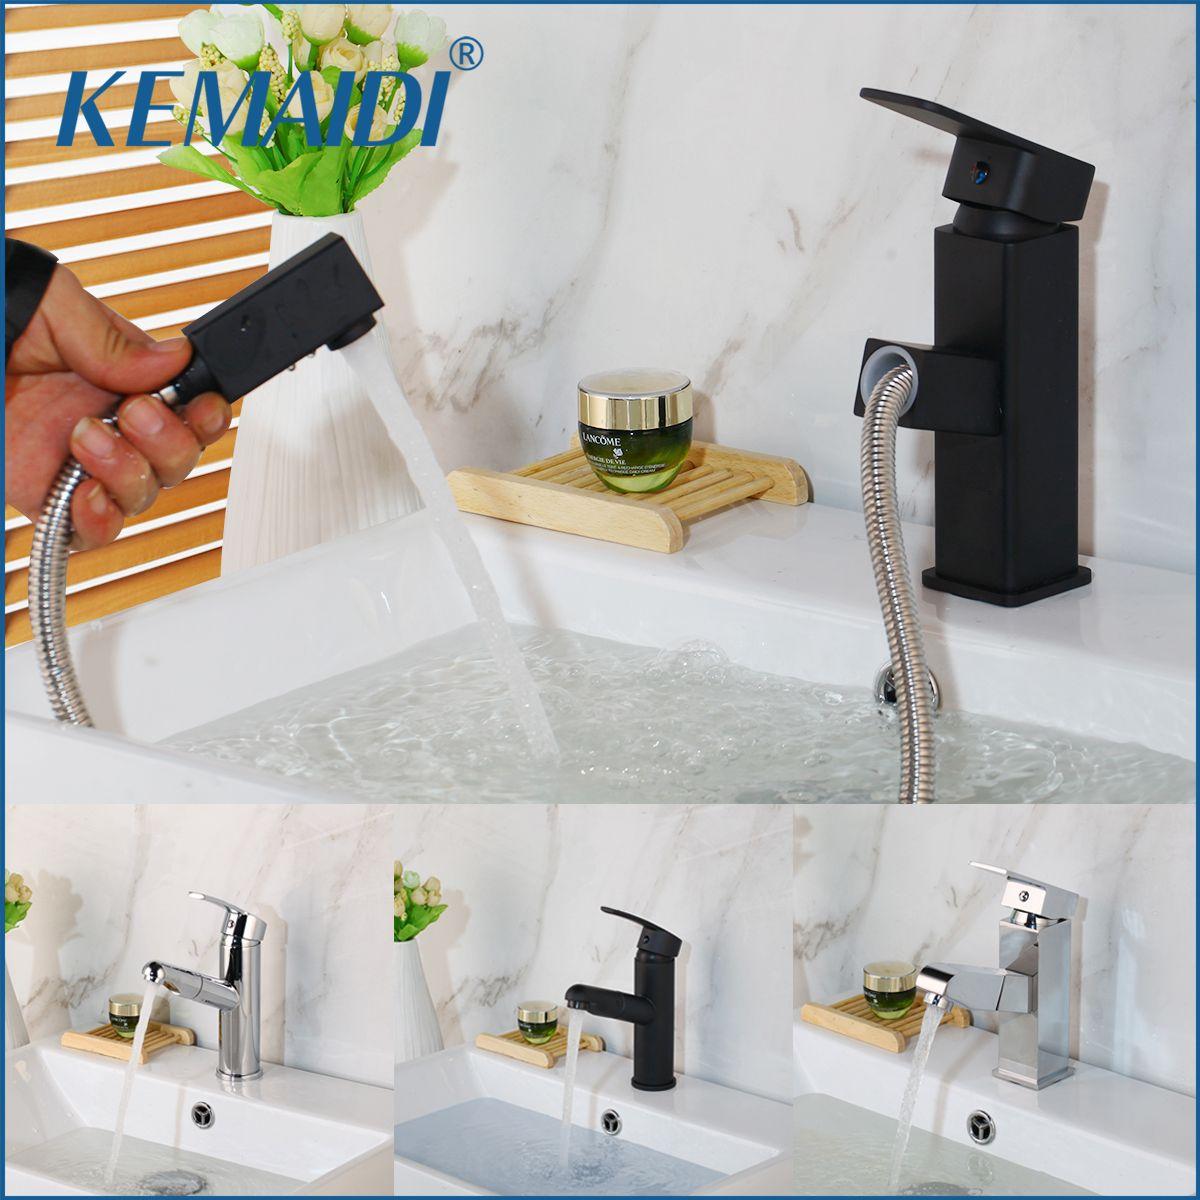 KEMAIDI Deck Montiert Warmen Und Kalten Wasser Mischen Armaturen Home Küche Bad Becken Waschbecken Wasser Wasserhahn Einzigen Handgriff Waschbecken Wasserhahn